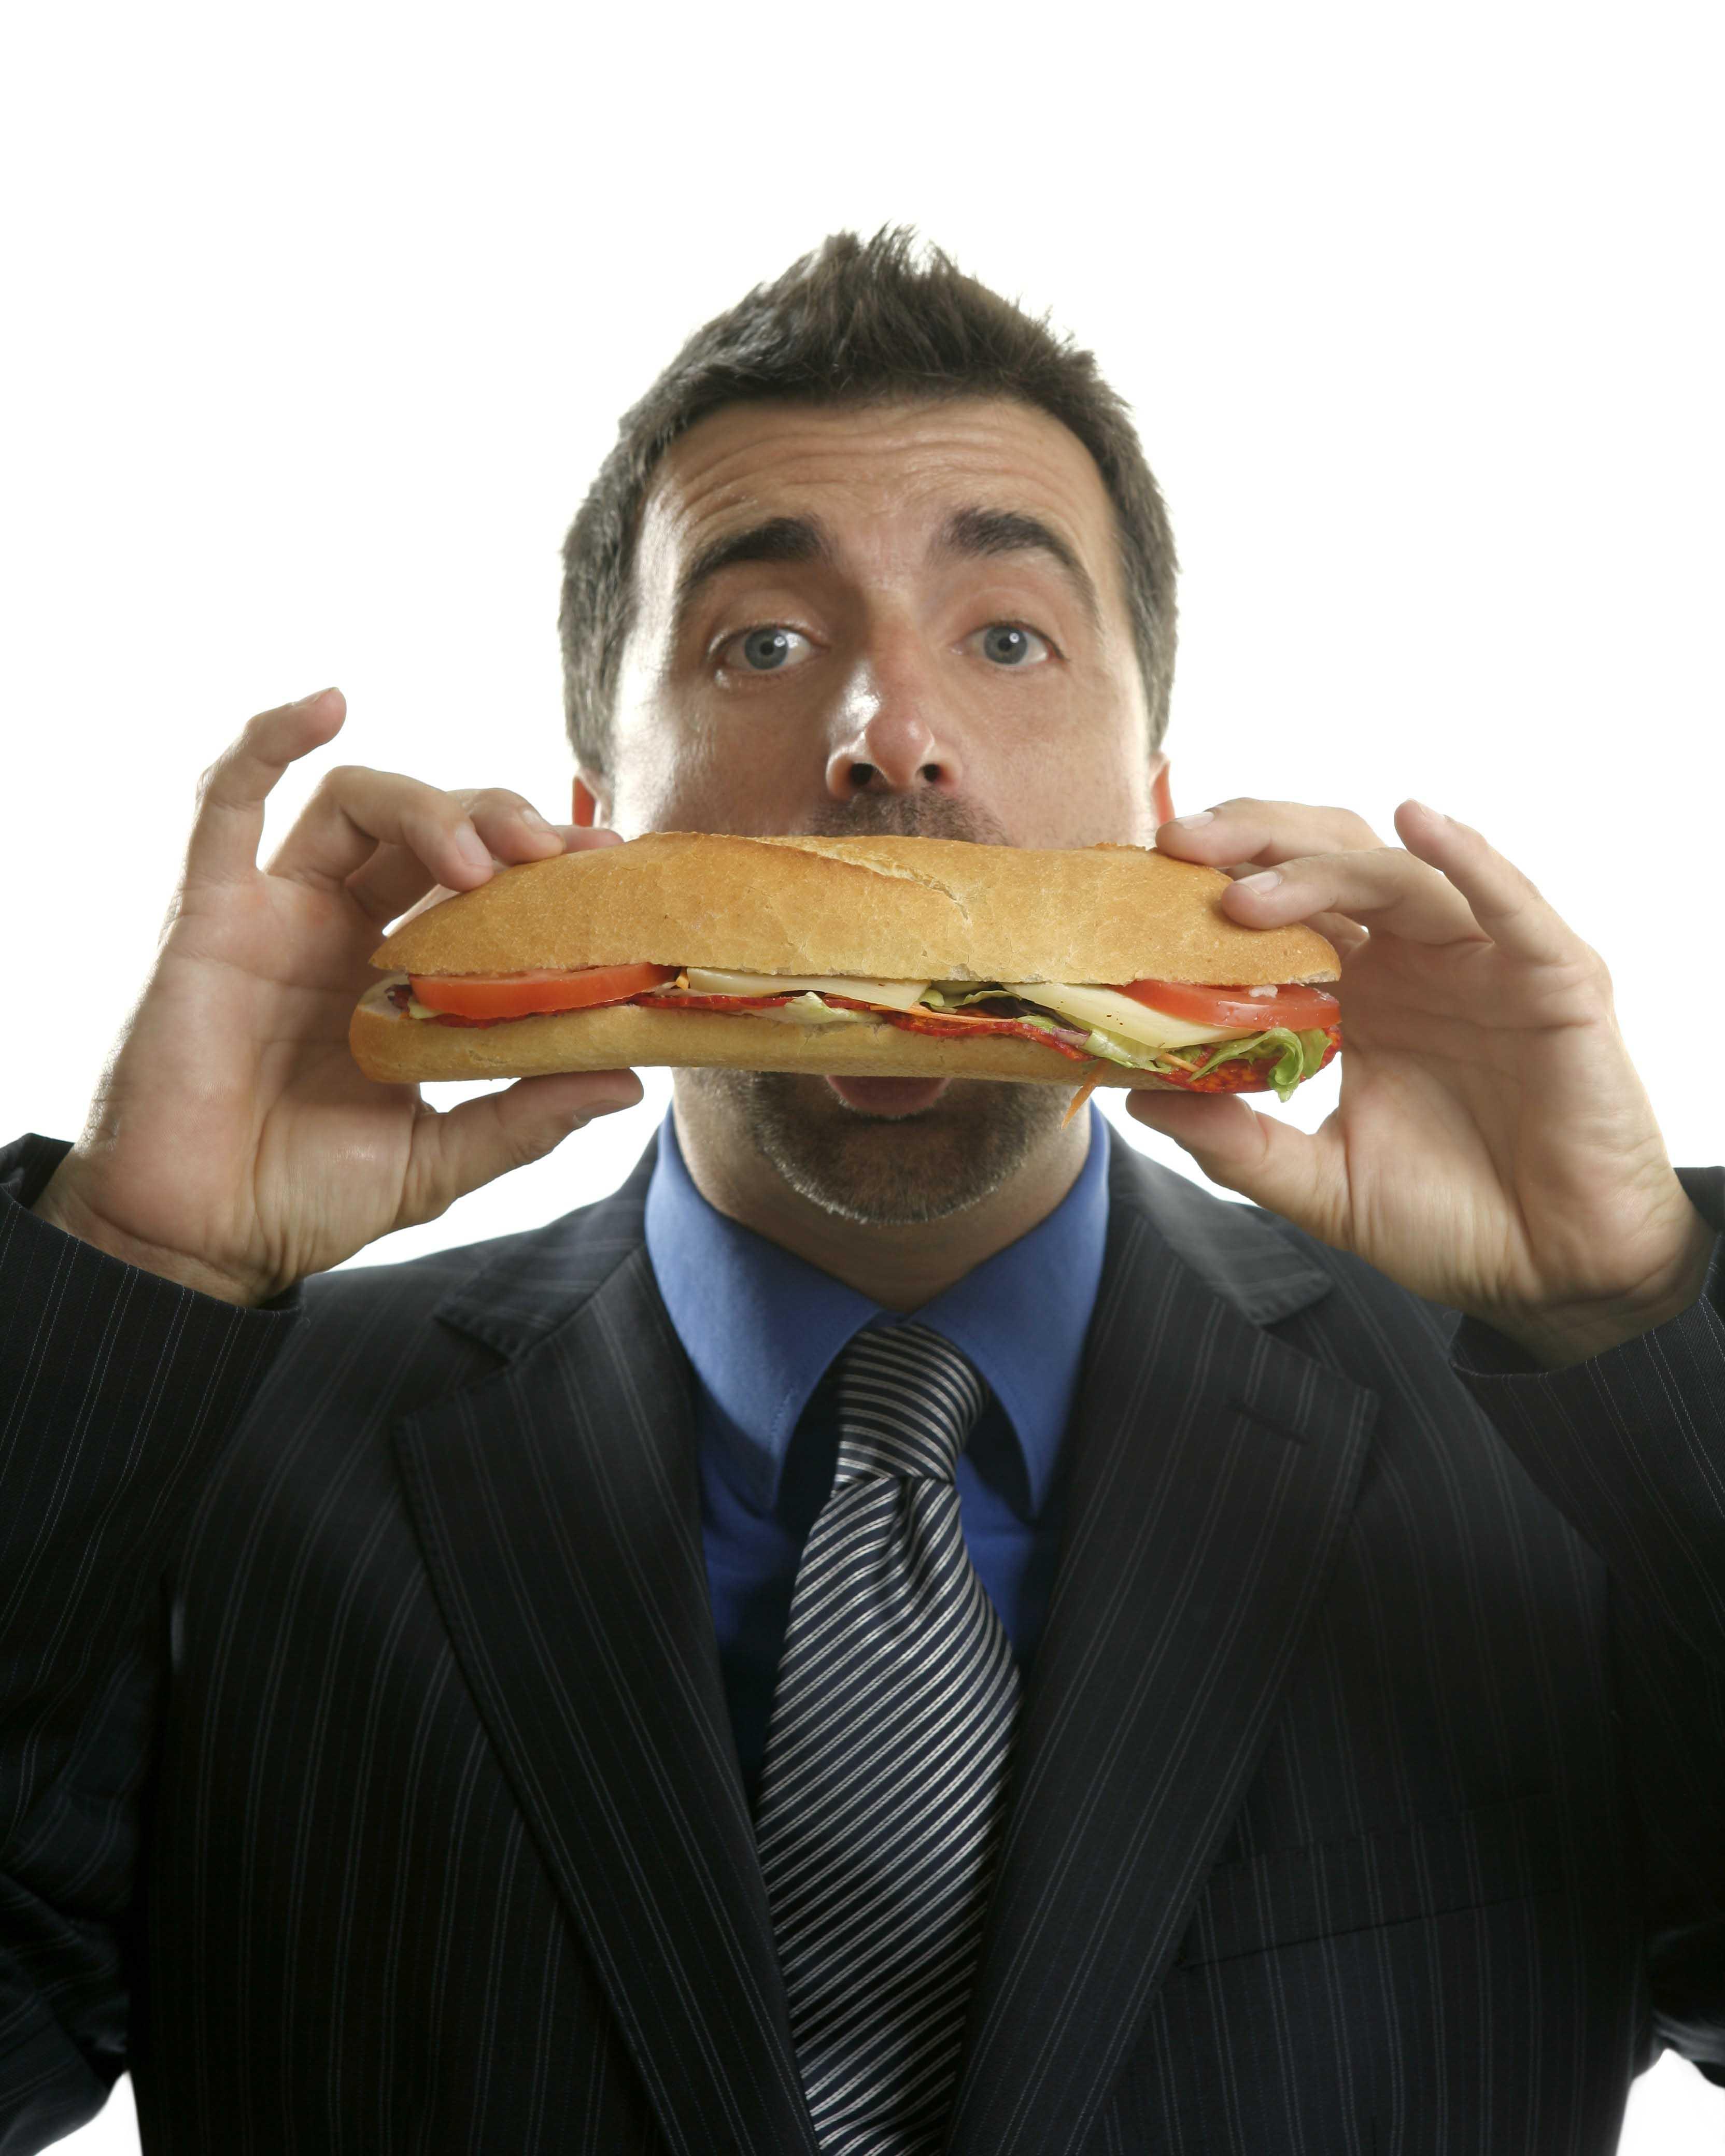 肾病患者的饮食禁忌?